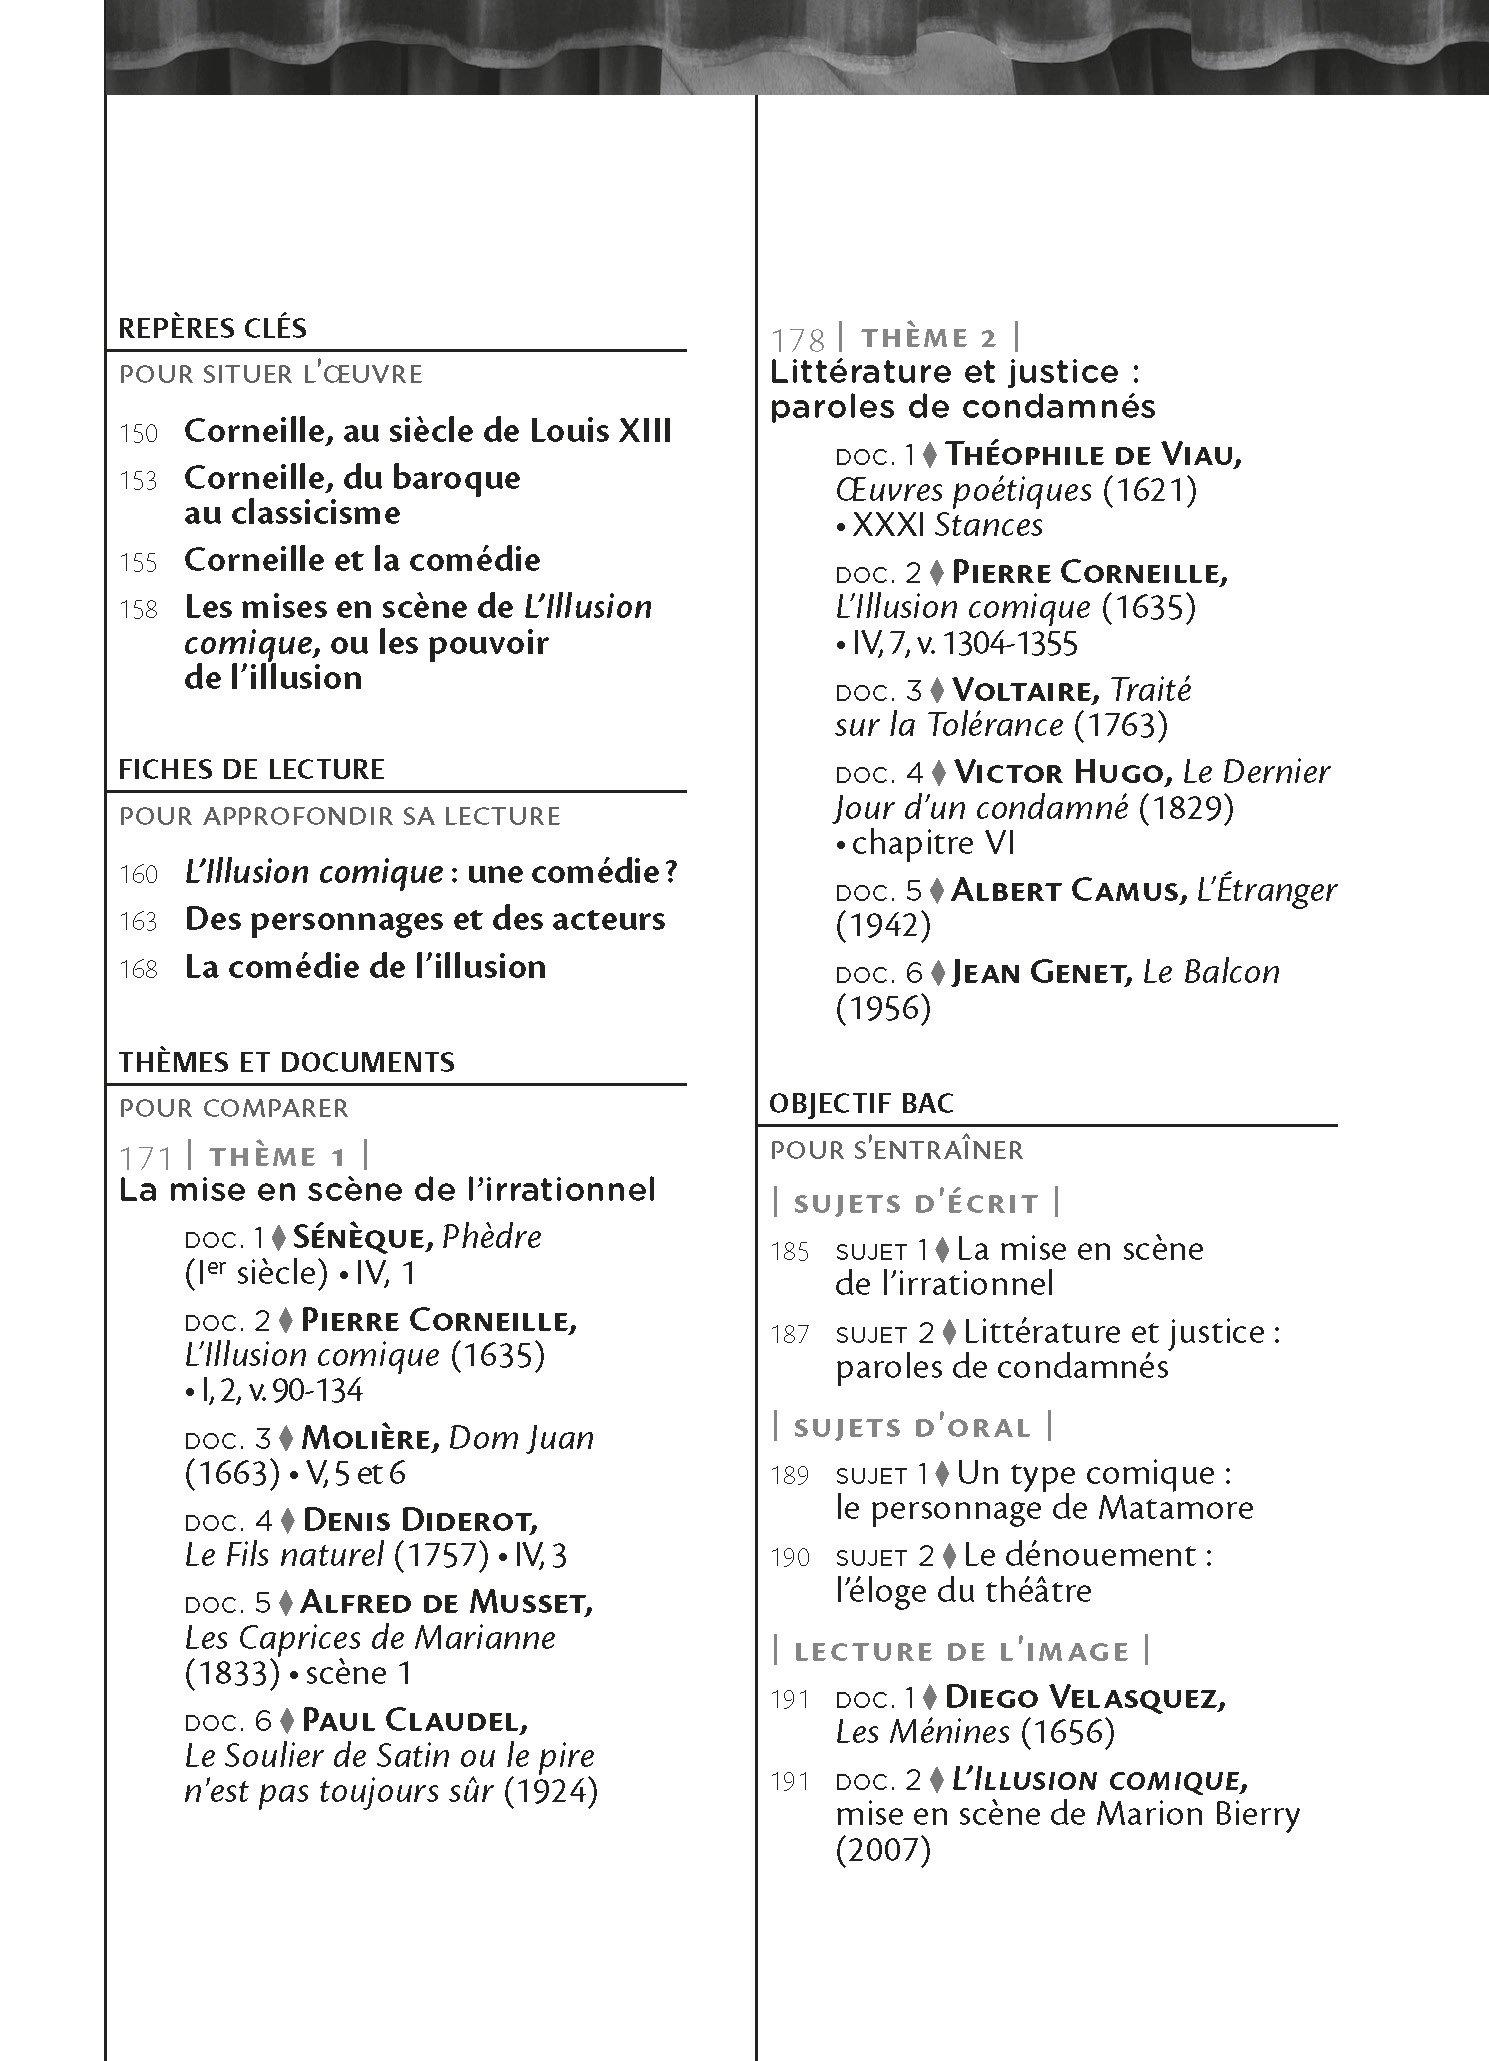 Amazon.com: LIllusion Comique (French Edition) (9782218959288): Pierre Corneille: Books